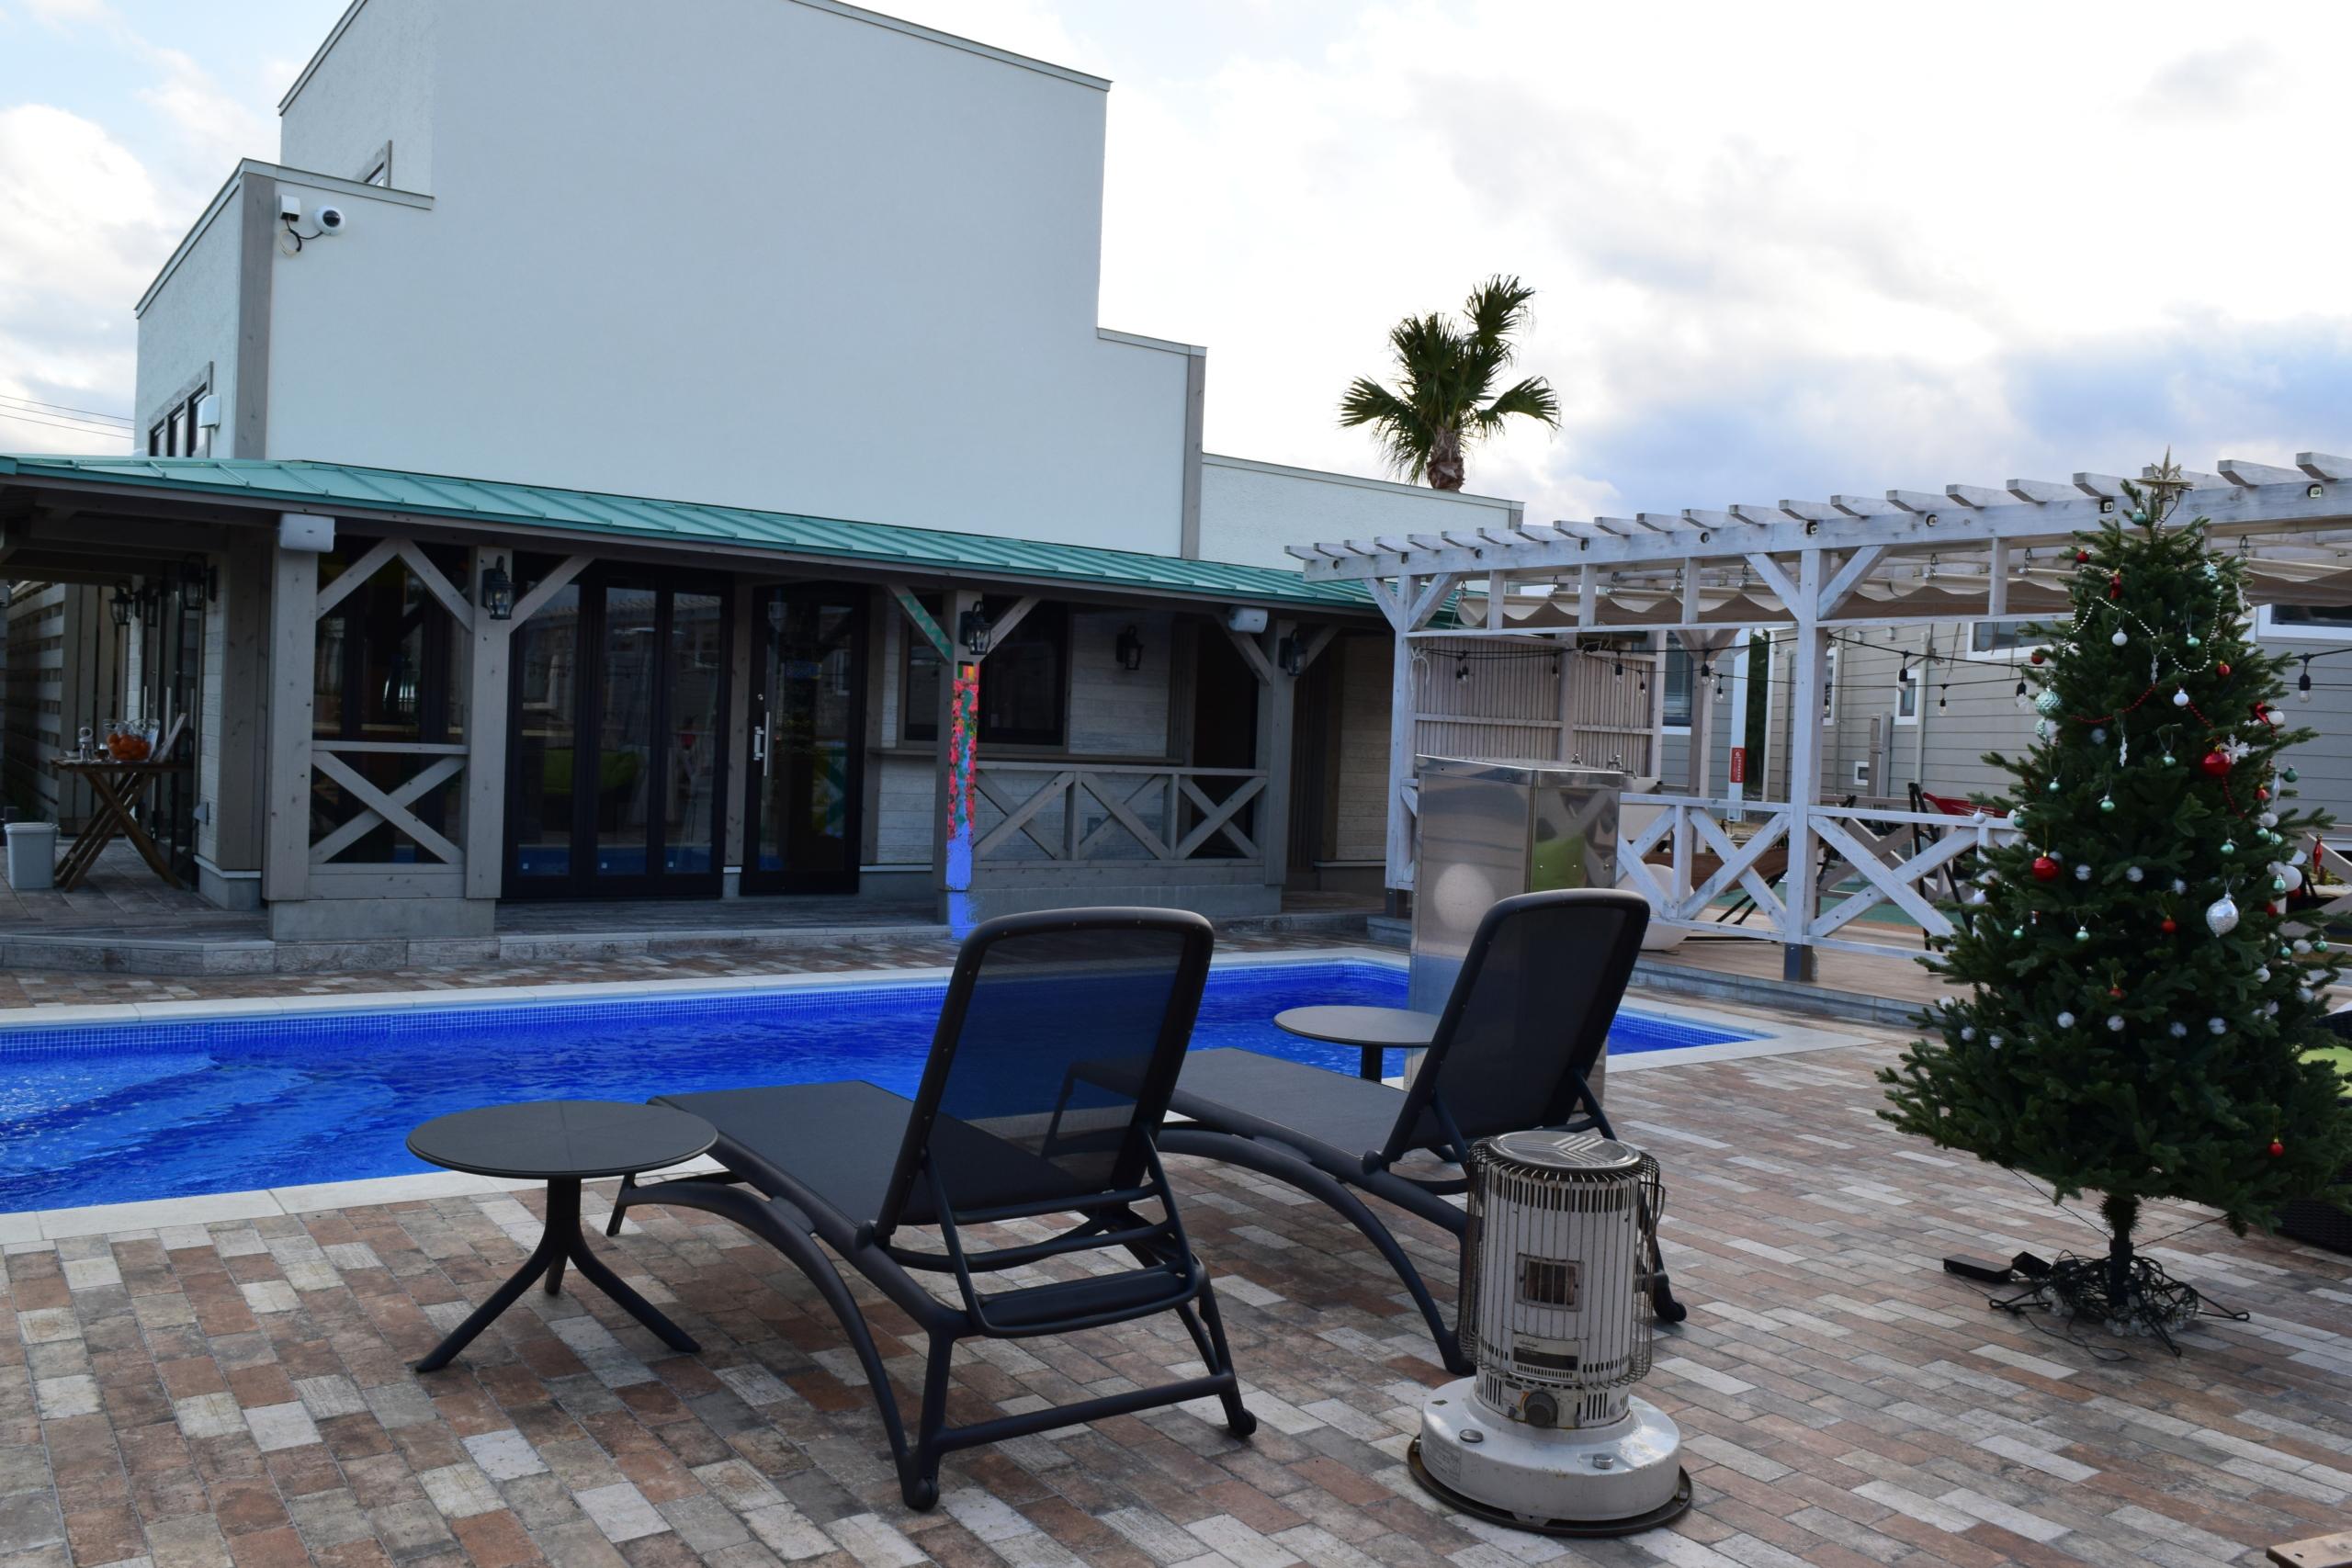 屋外プール、バーなどがあり、リゾート気分が味わえます。